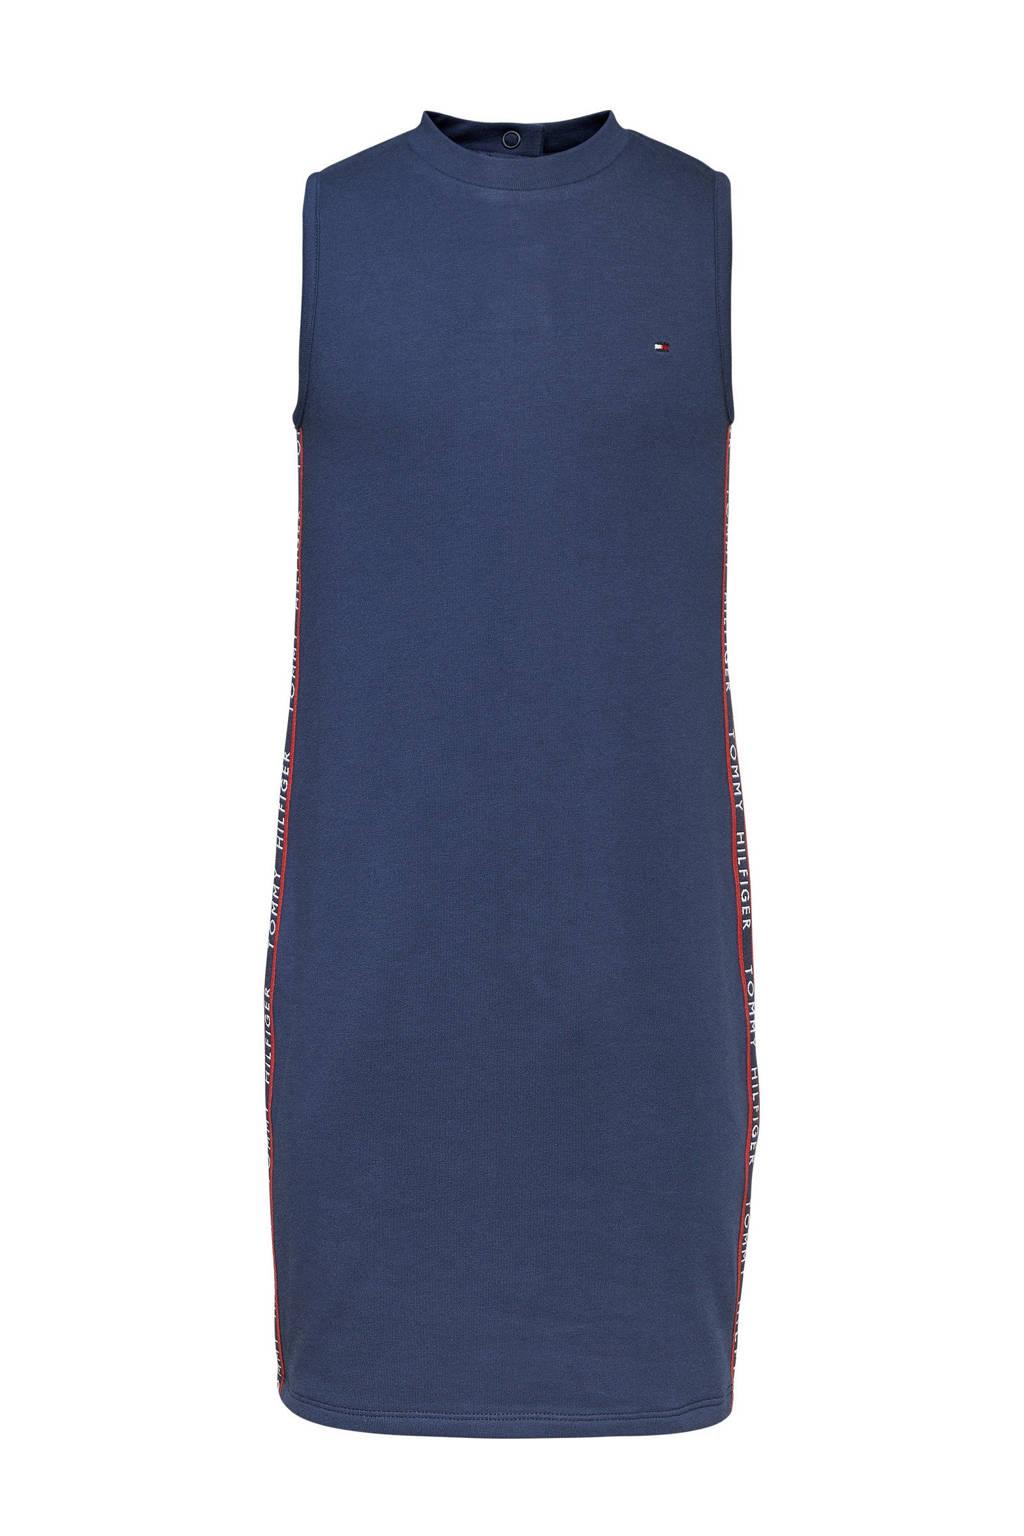 Tommy Hilfiger sweatjurk met biologisch katoen donkerblauw, Donkerblauw